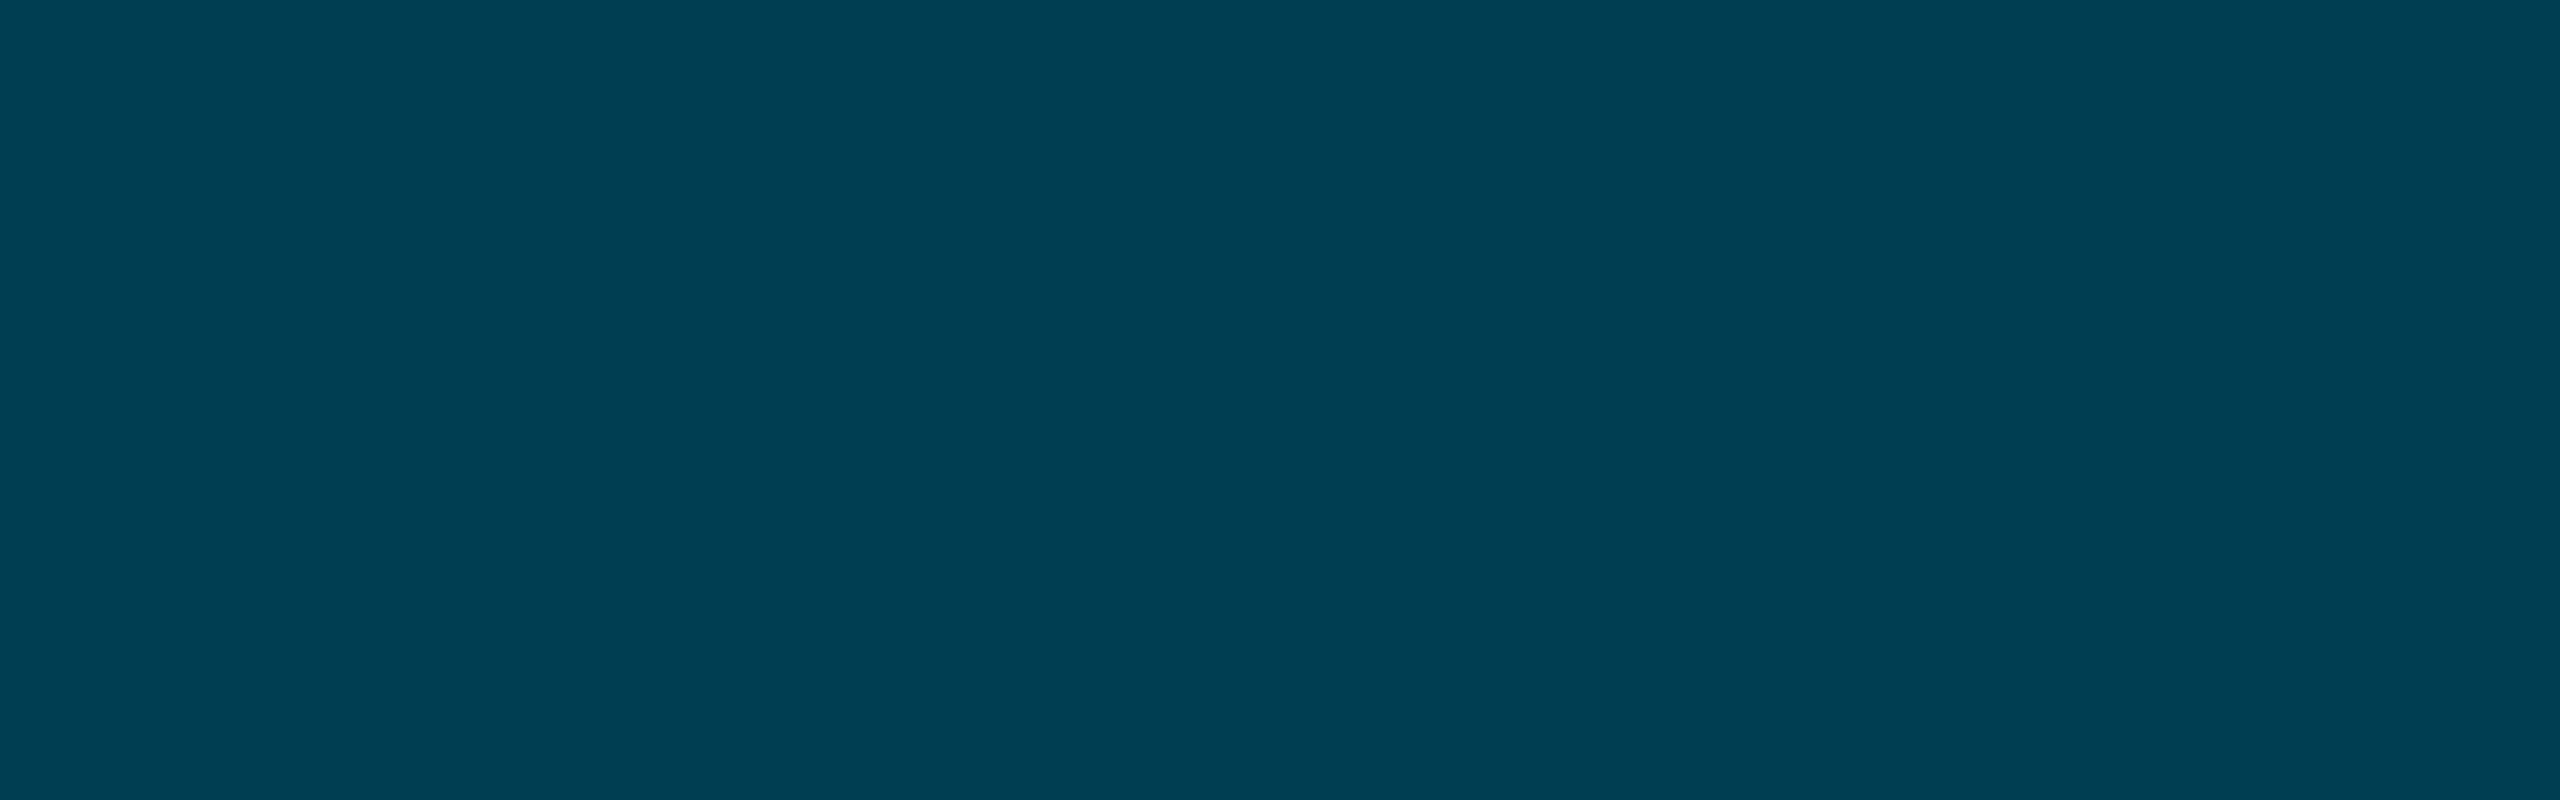 blue-bg-slider